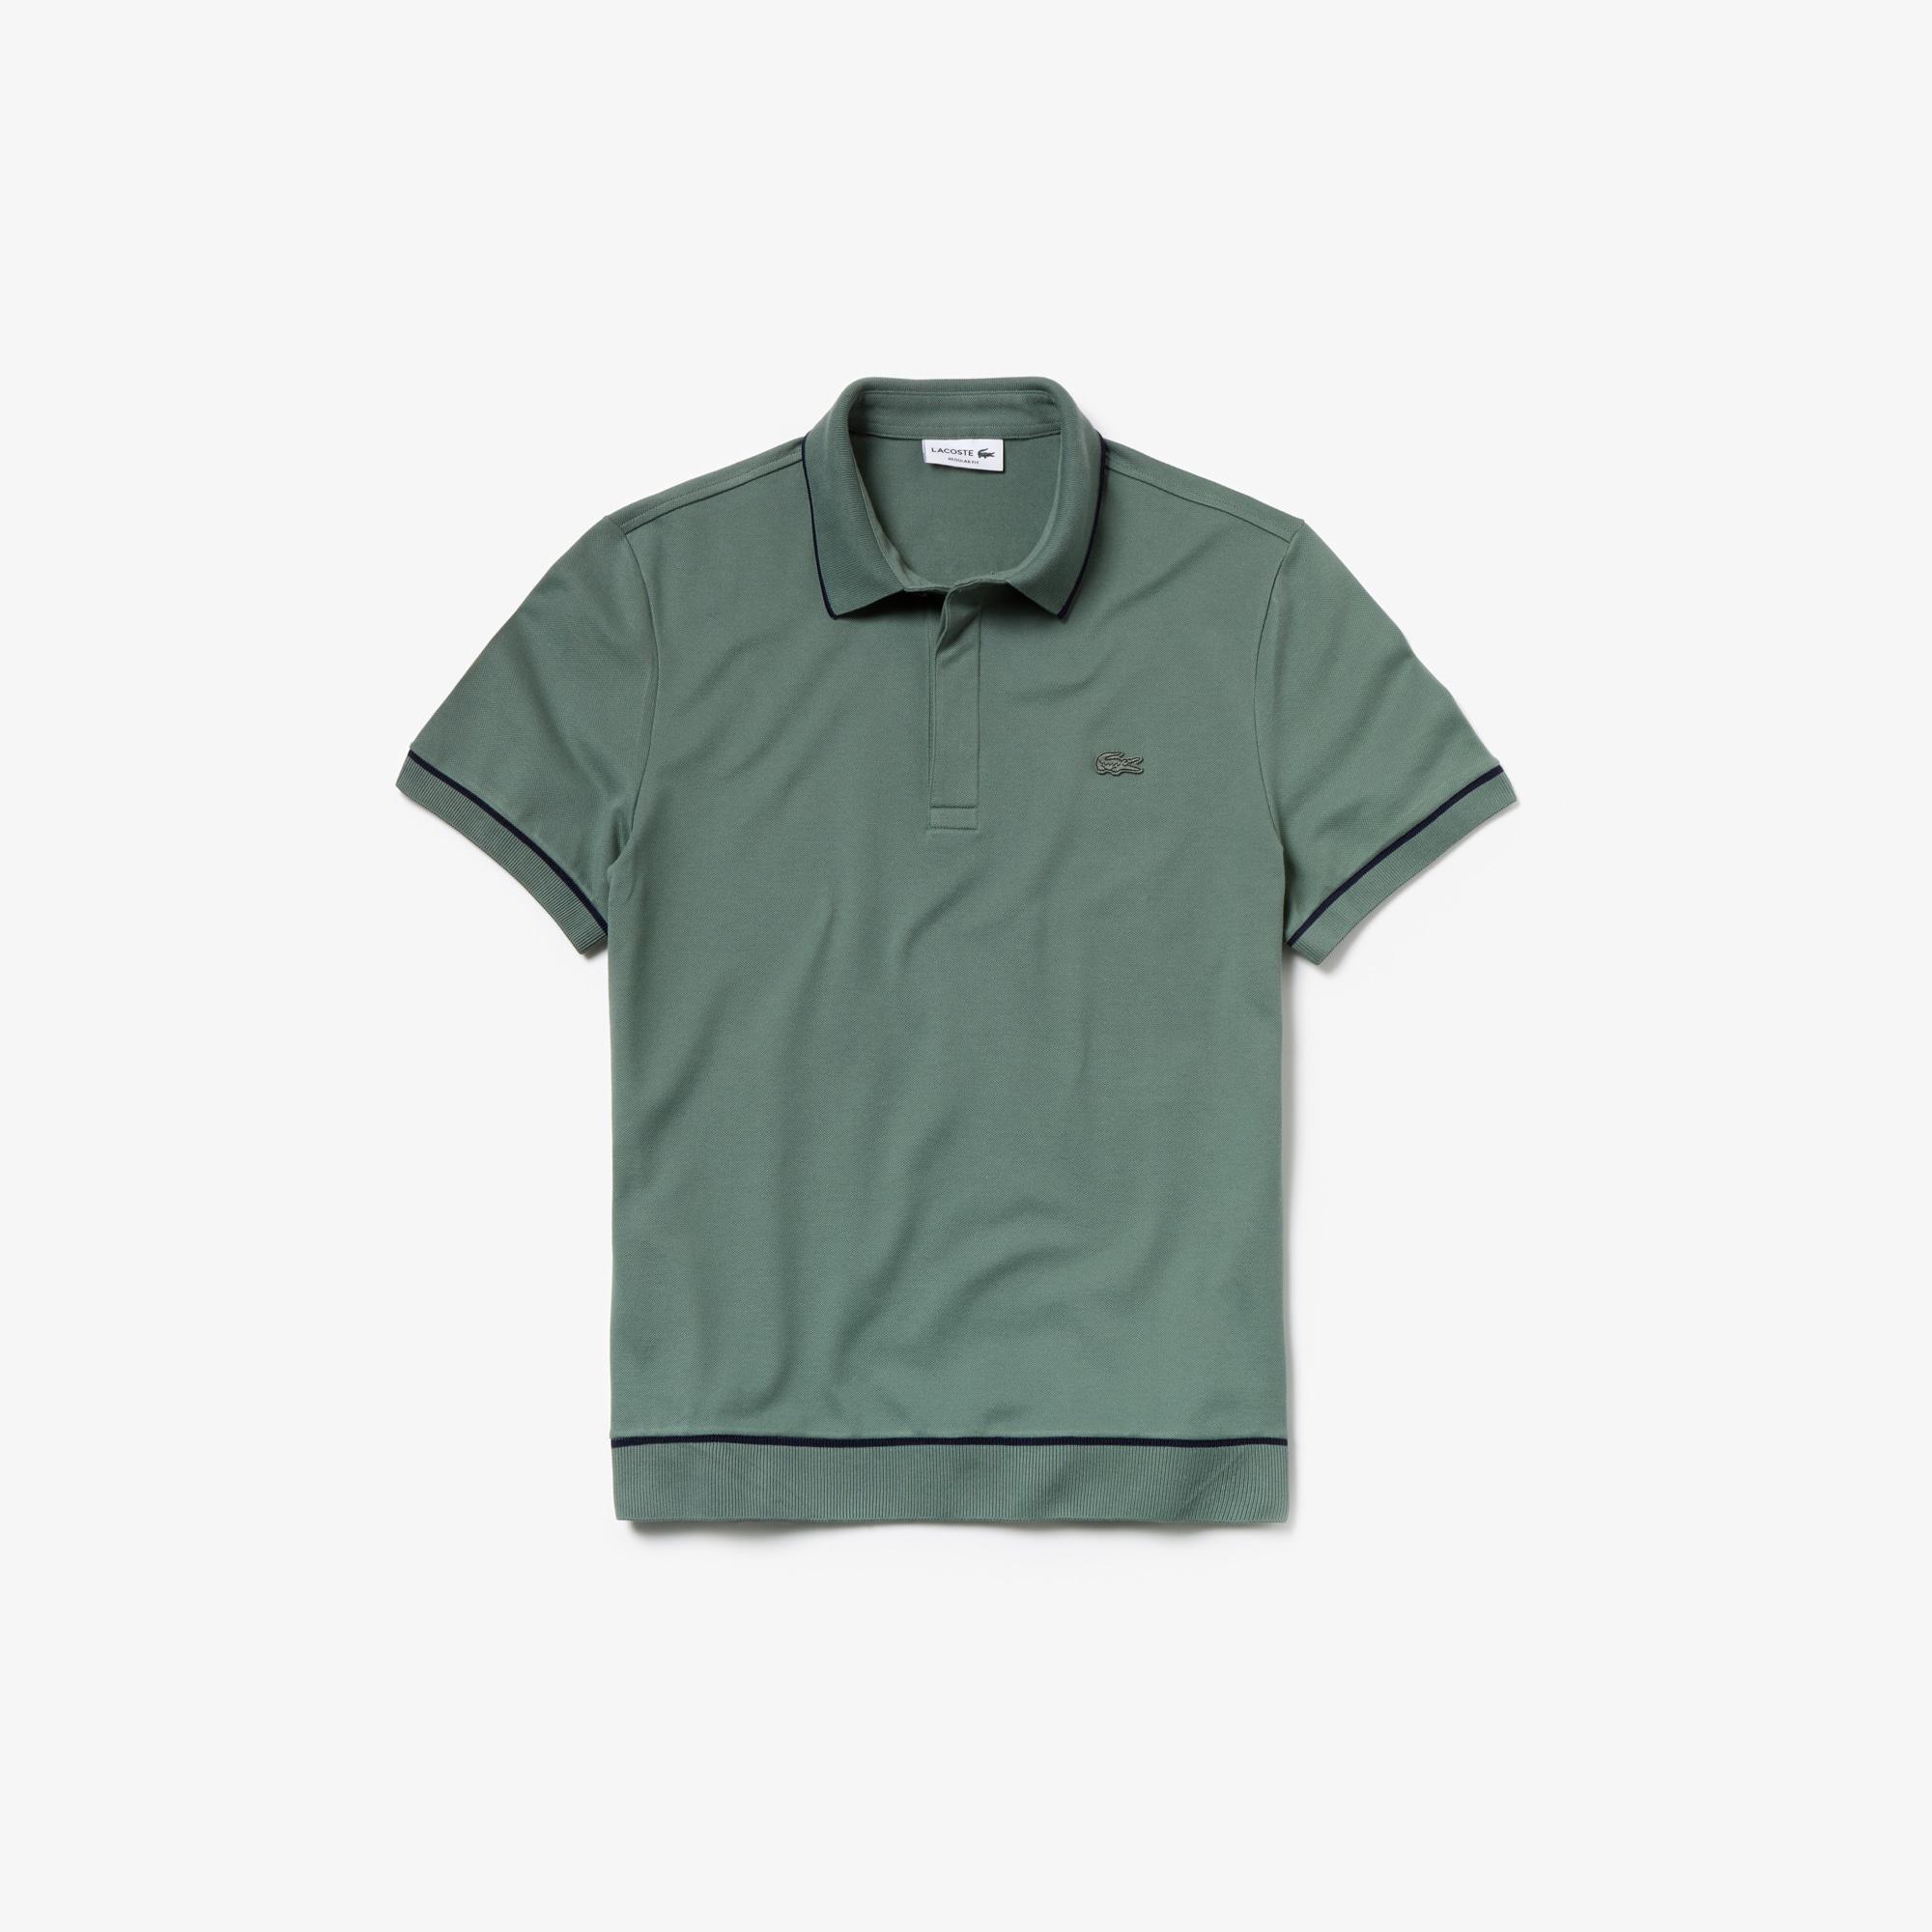 6b60da17fc8f68 Men s Polo Shirts